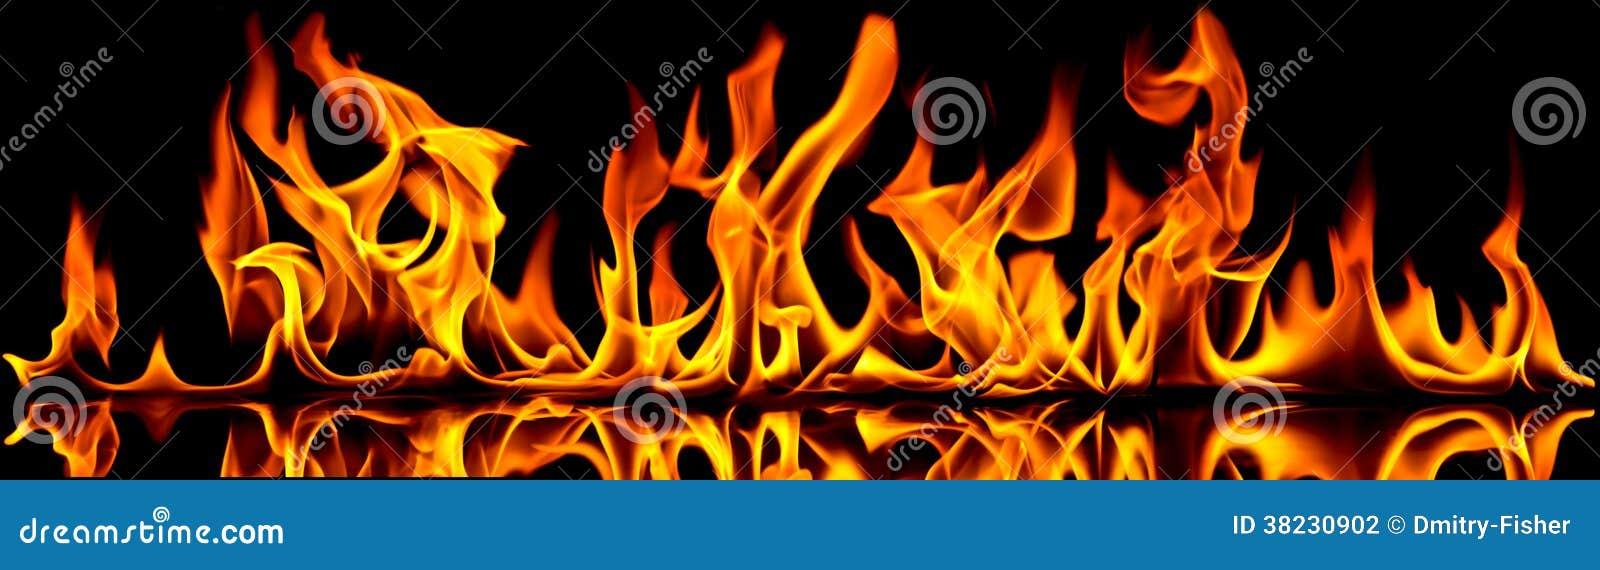 Le feu et flammes.